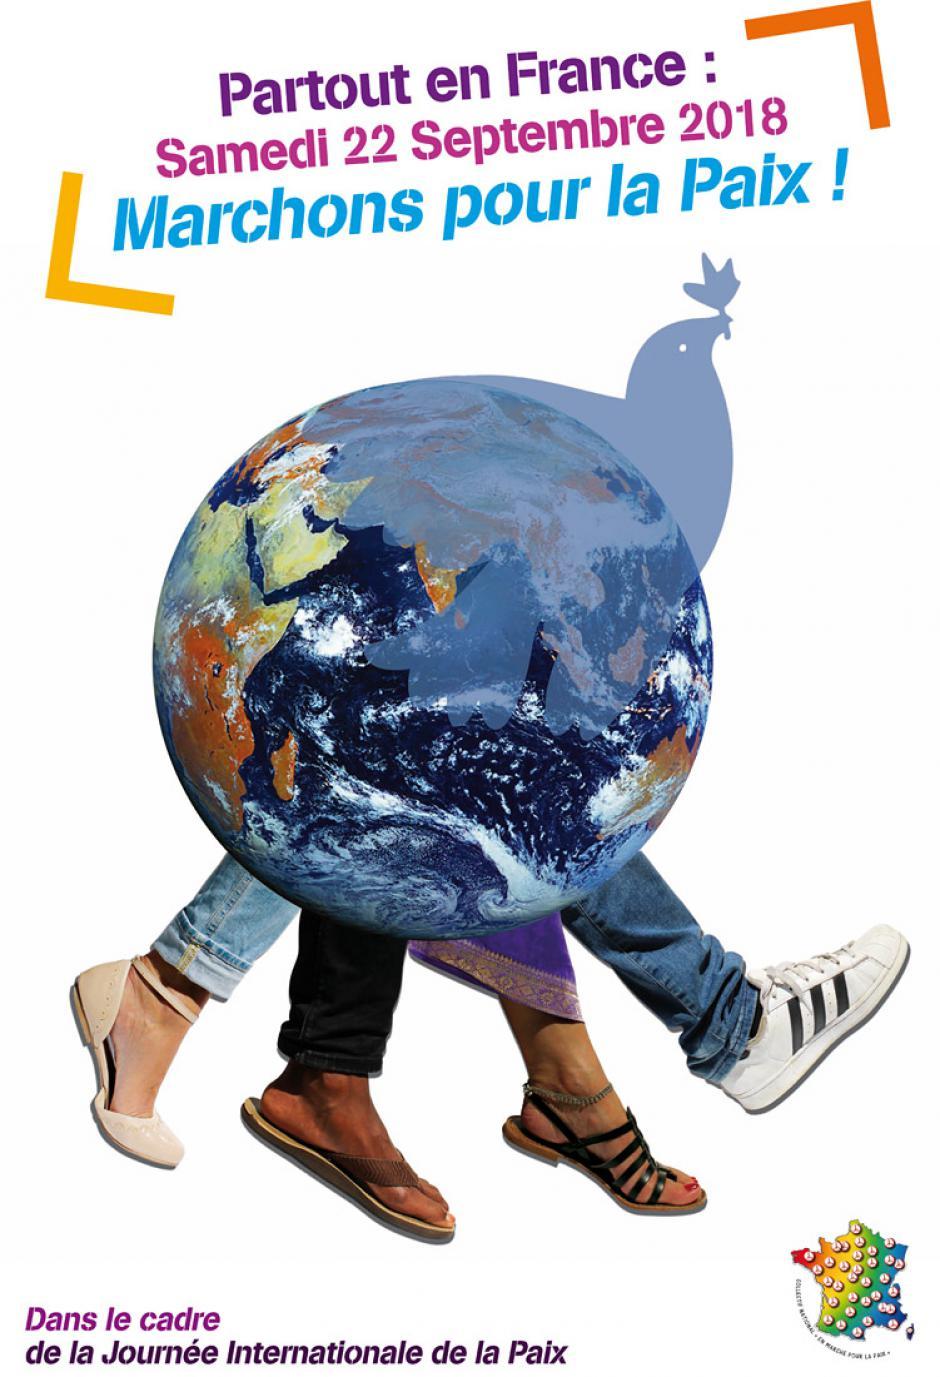 22 septembre, Paris - Partout, marchons pour la paix